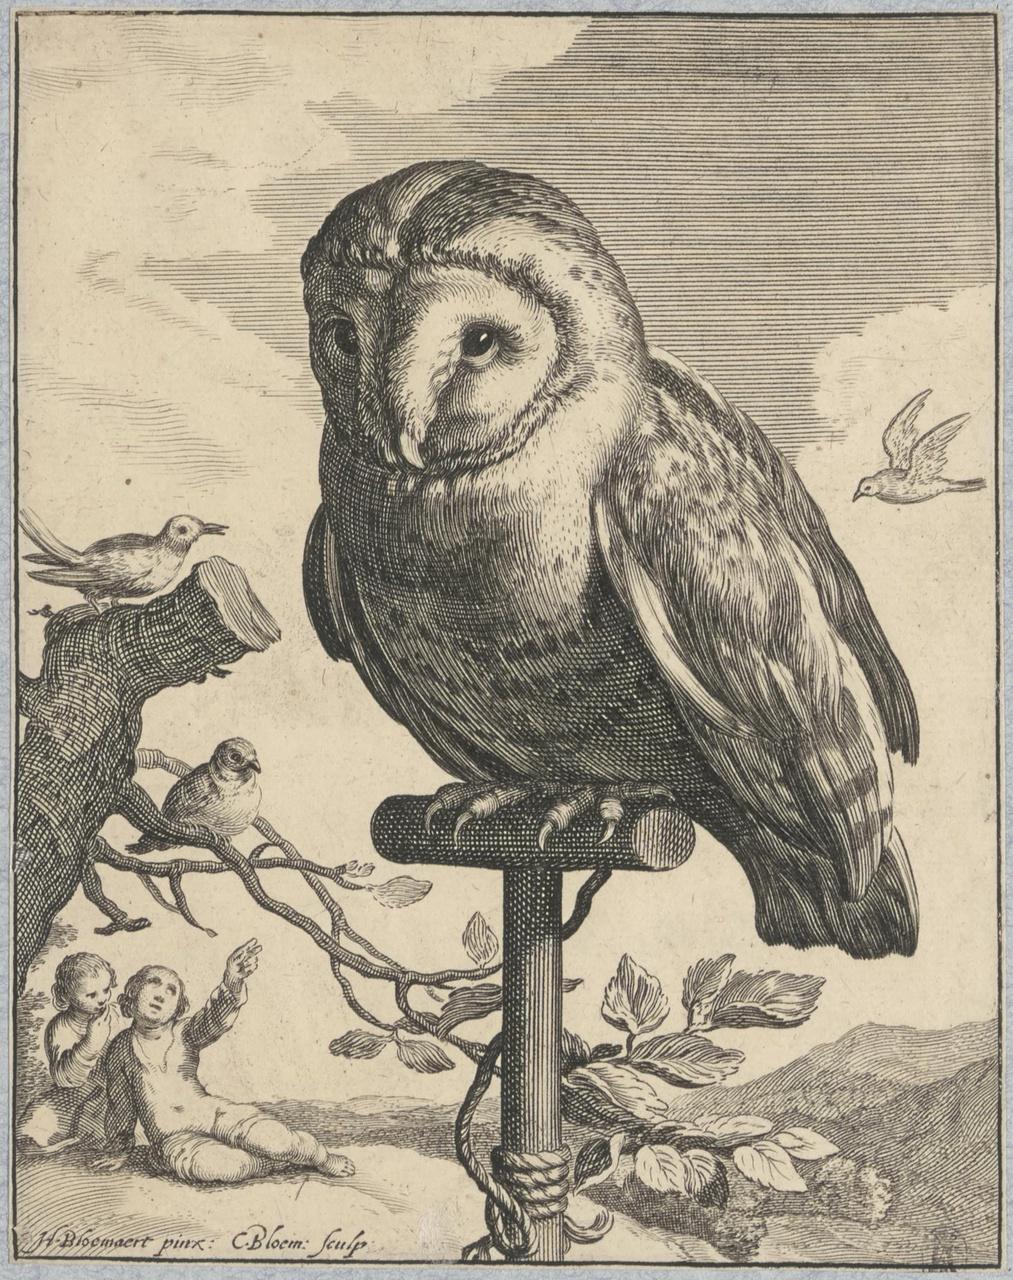 Een uil op een stok